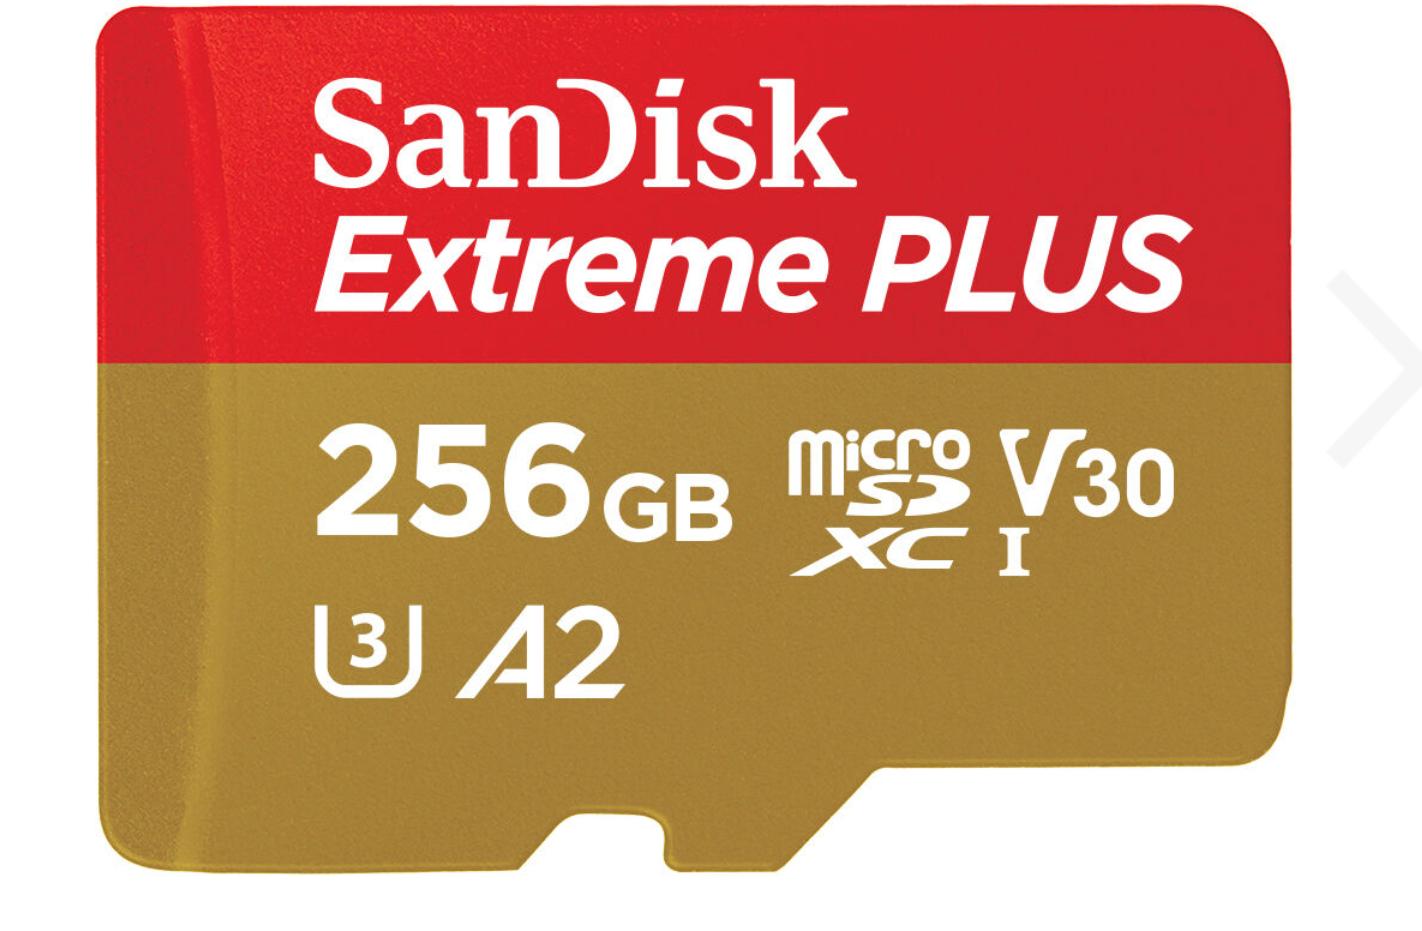 [NBB] SD-Karten Sammeldeal, z.B. SanDisk 256GB EXTREME Plus microSD + Adapter